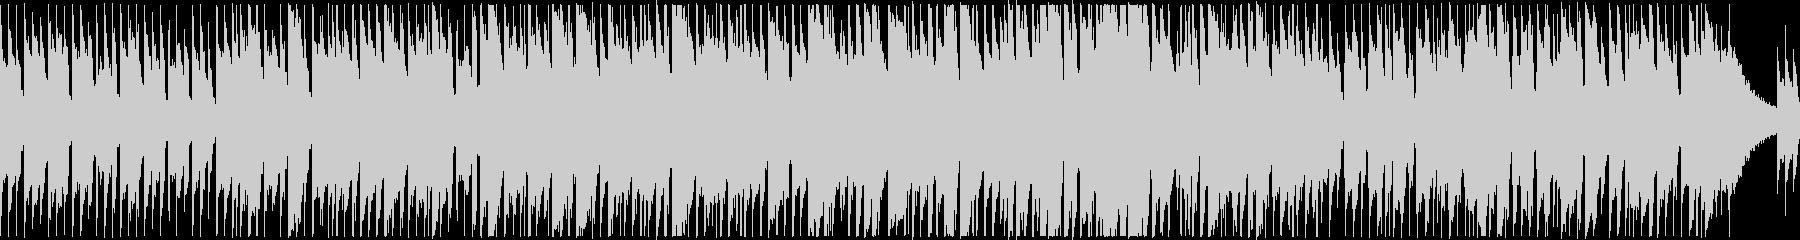 アコギ2本のクールで落ち着いたBGMの未再生の波形